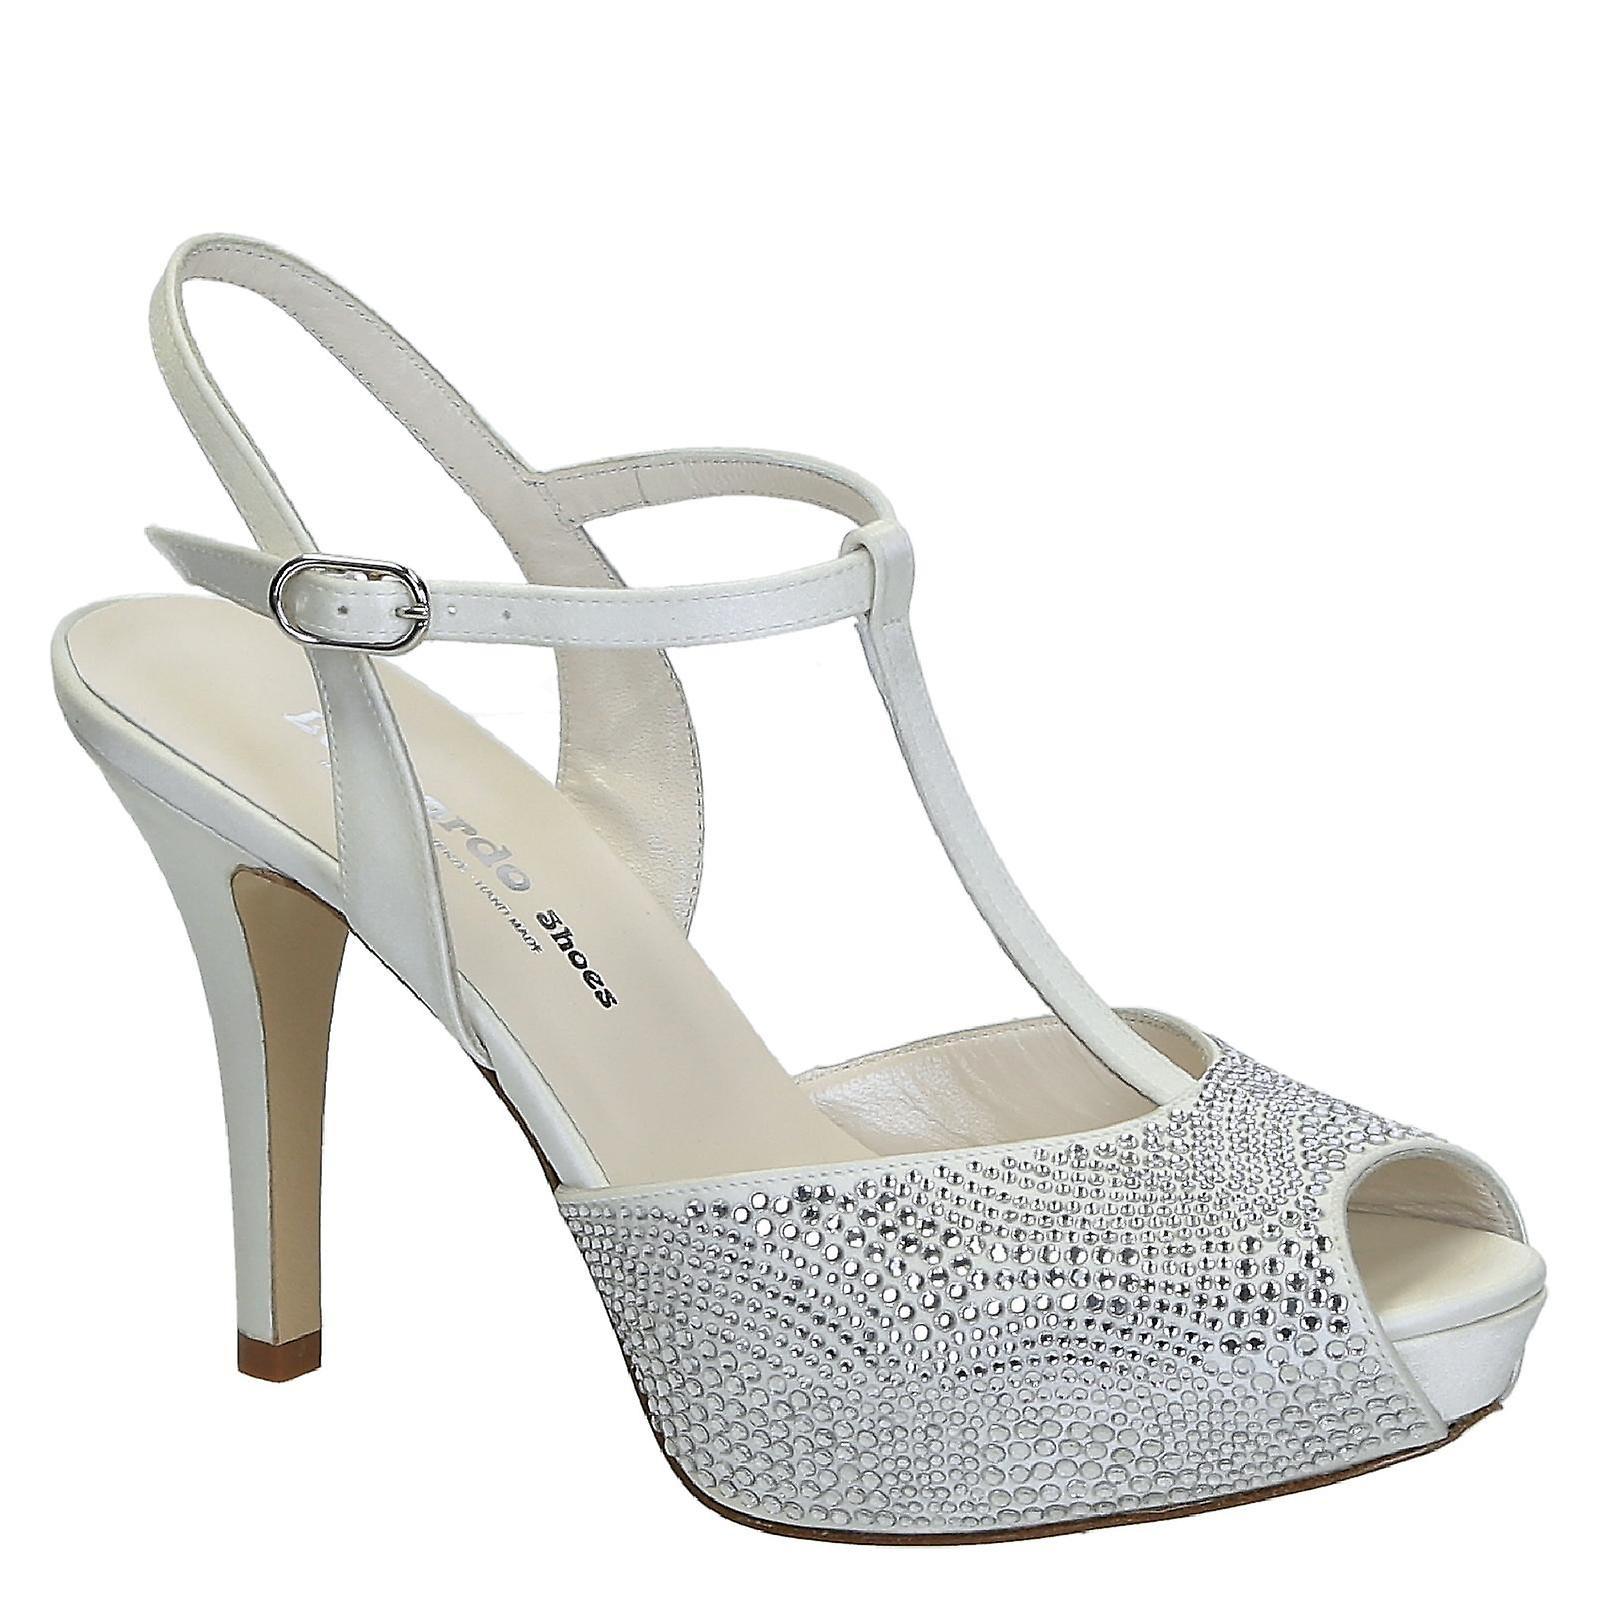 Wedding white satin with cristals open toe platform sandals rKExV